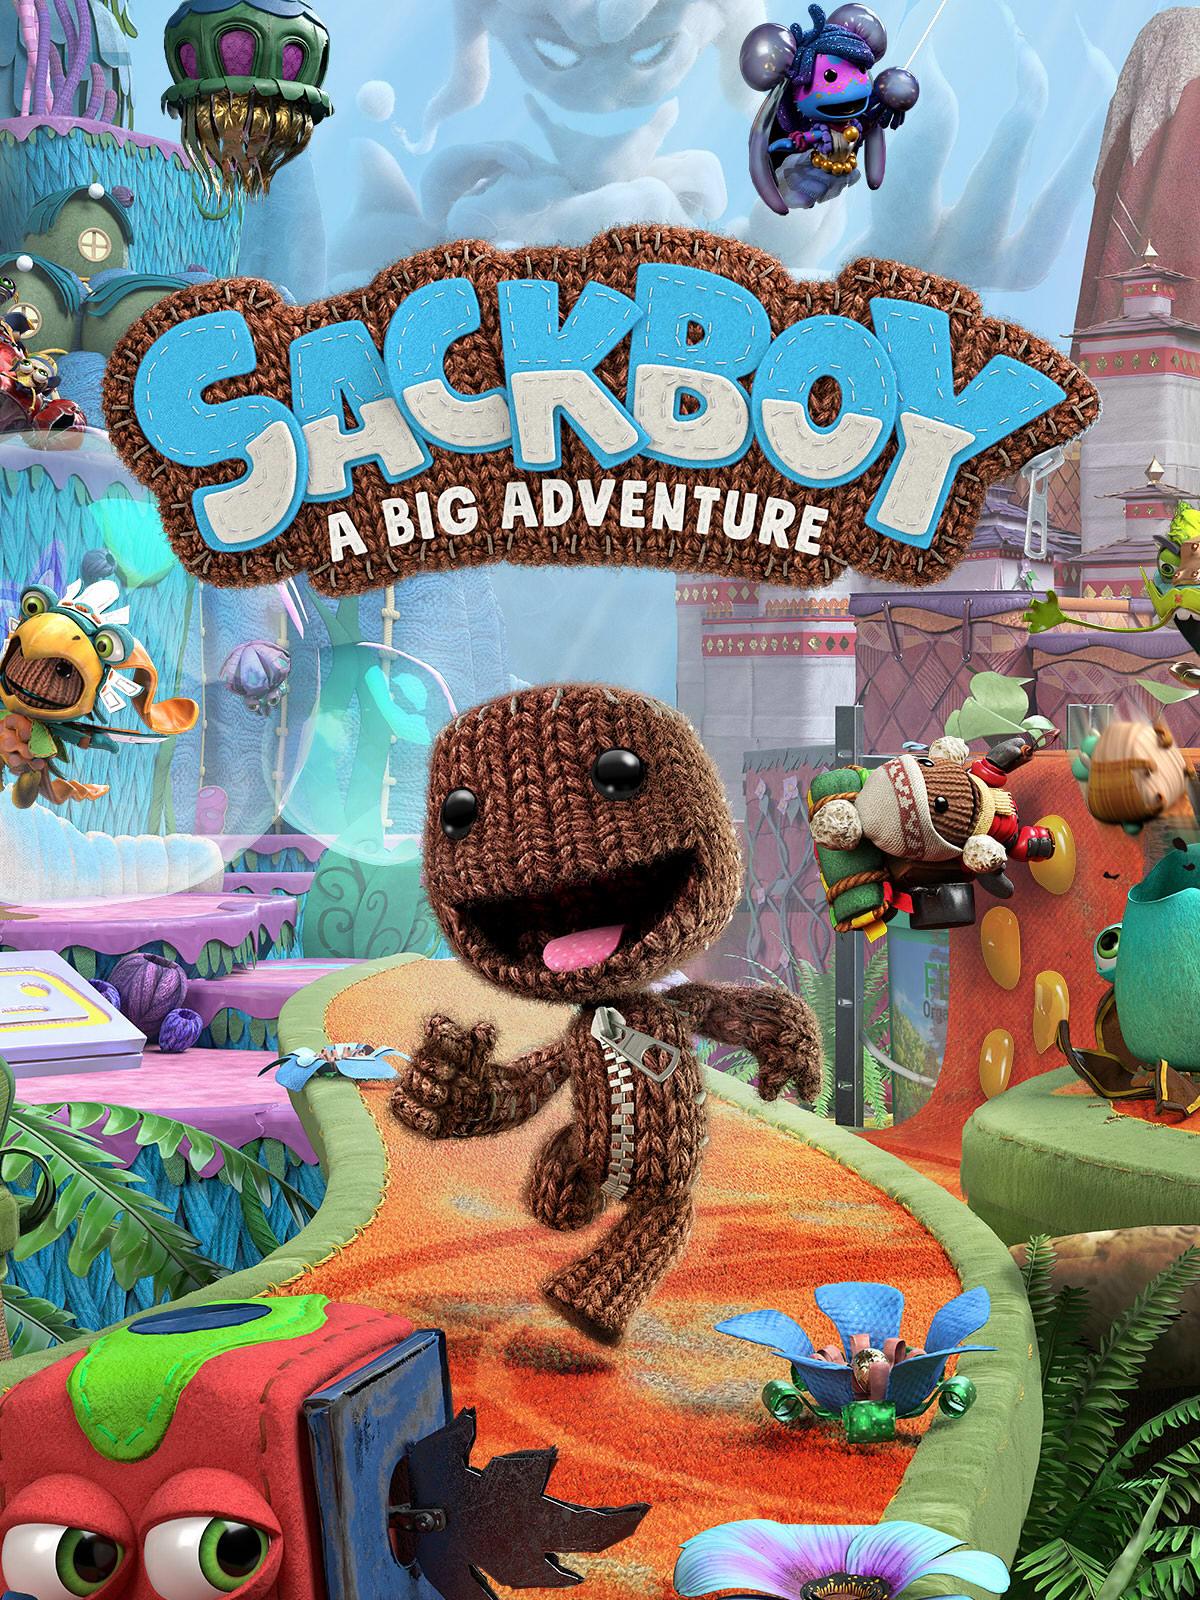 sackboy-a-big-adventure